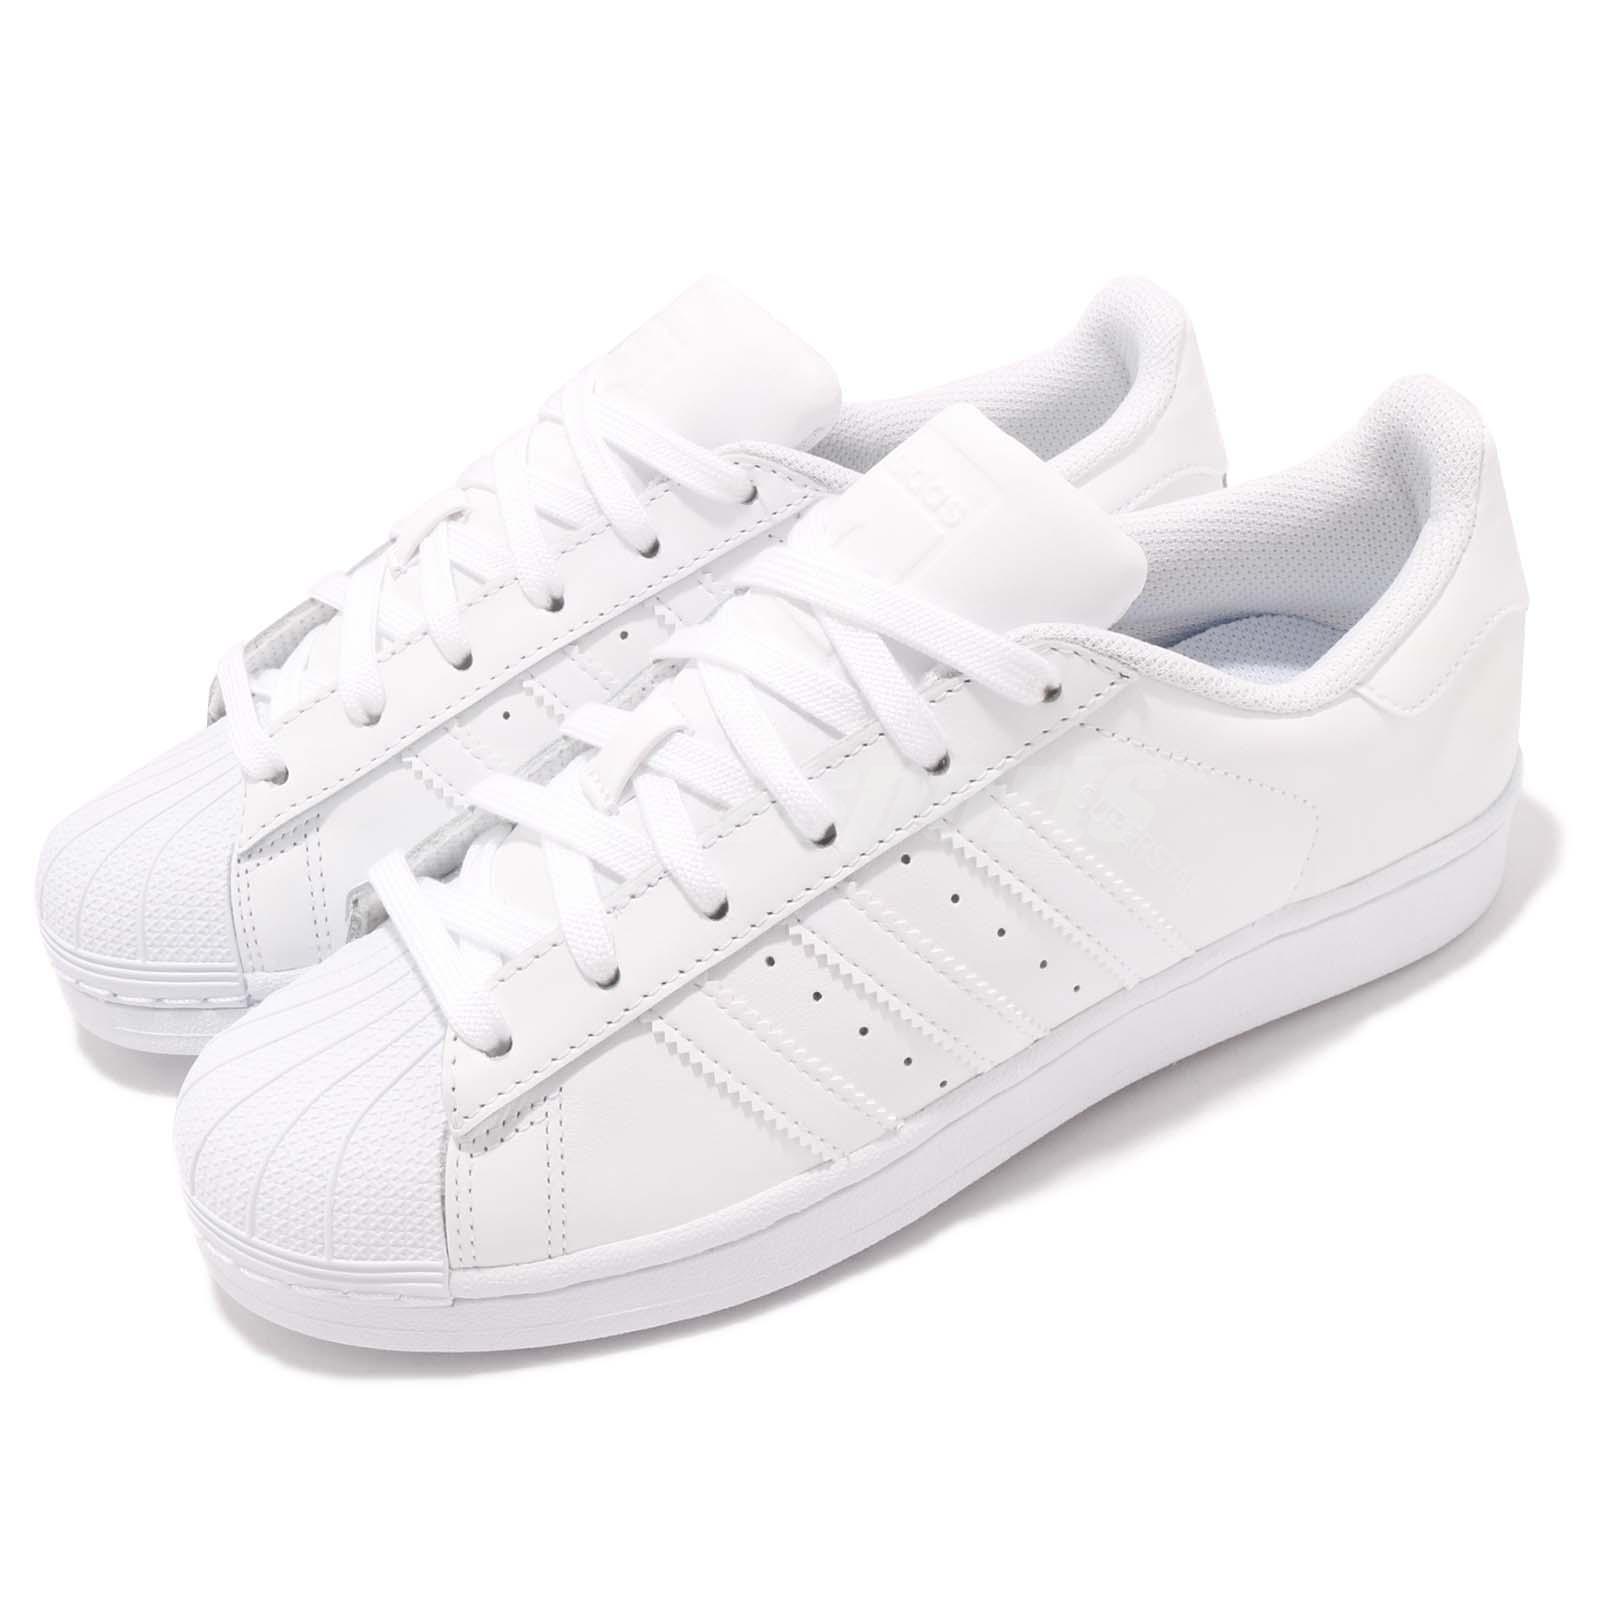 Adidas Originals Superstar Foundation bianca Out Uomo Casual Shoes Scarpe da Ginnastica B27136